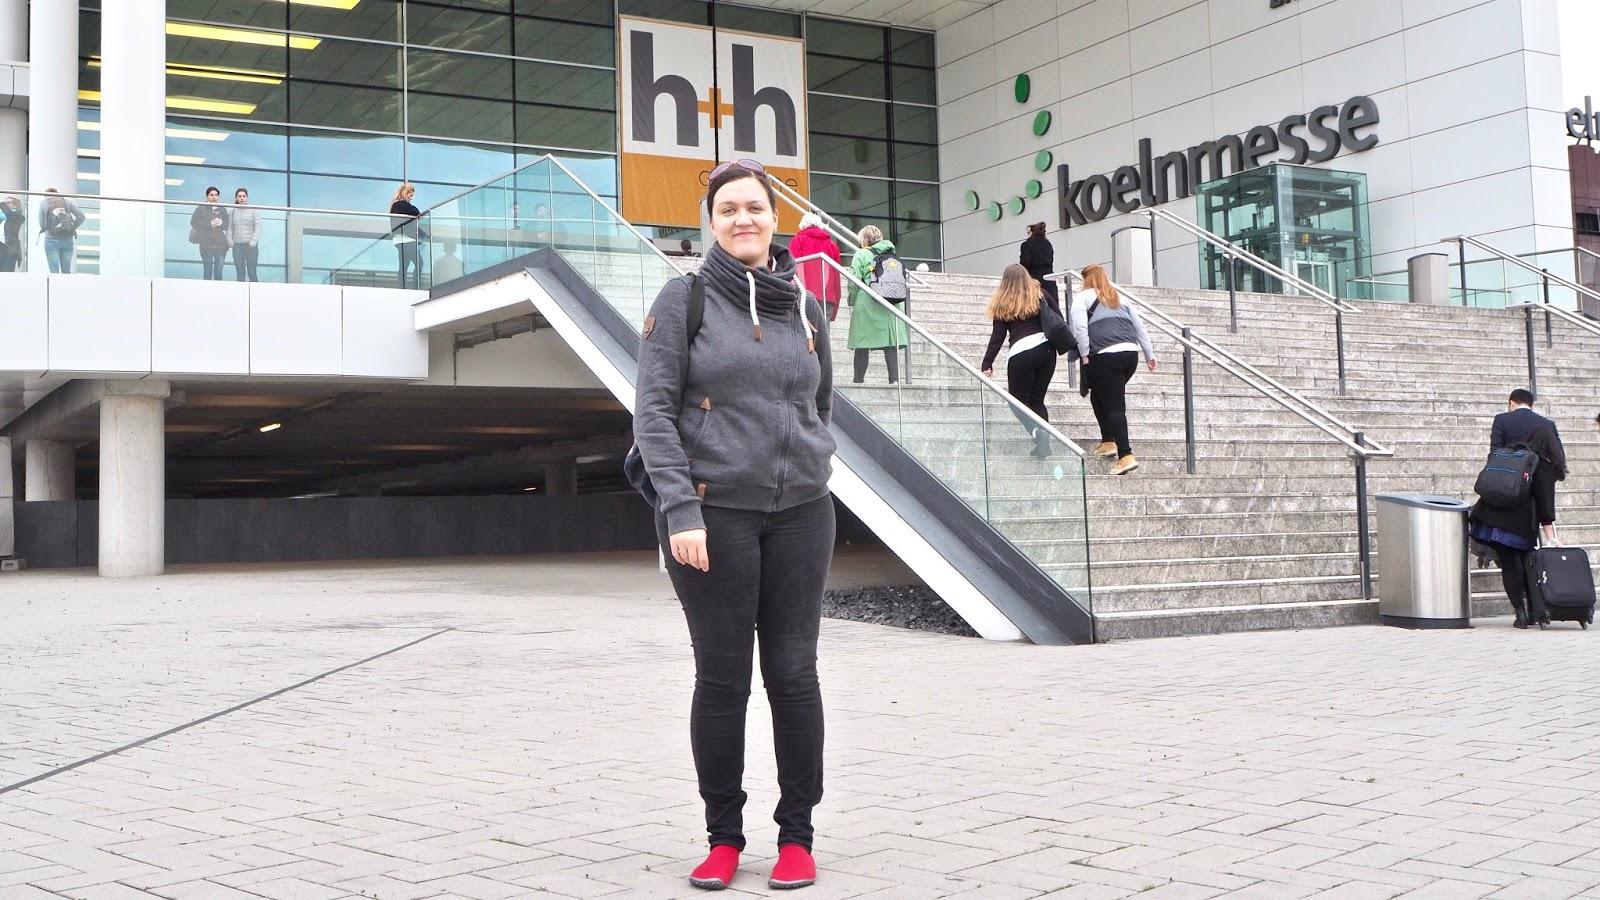 Caros Fuemmeley vor dem Eingang der h+h koelnemsse